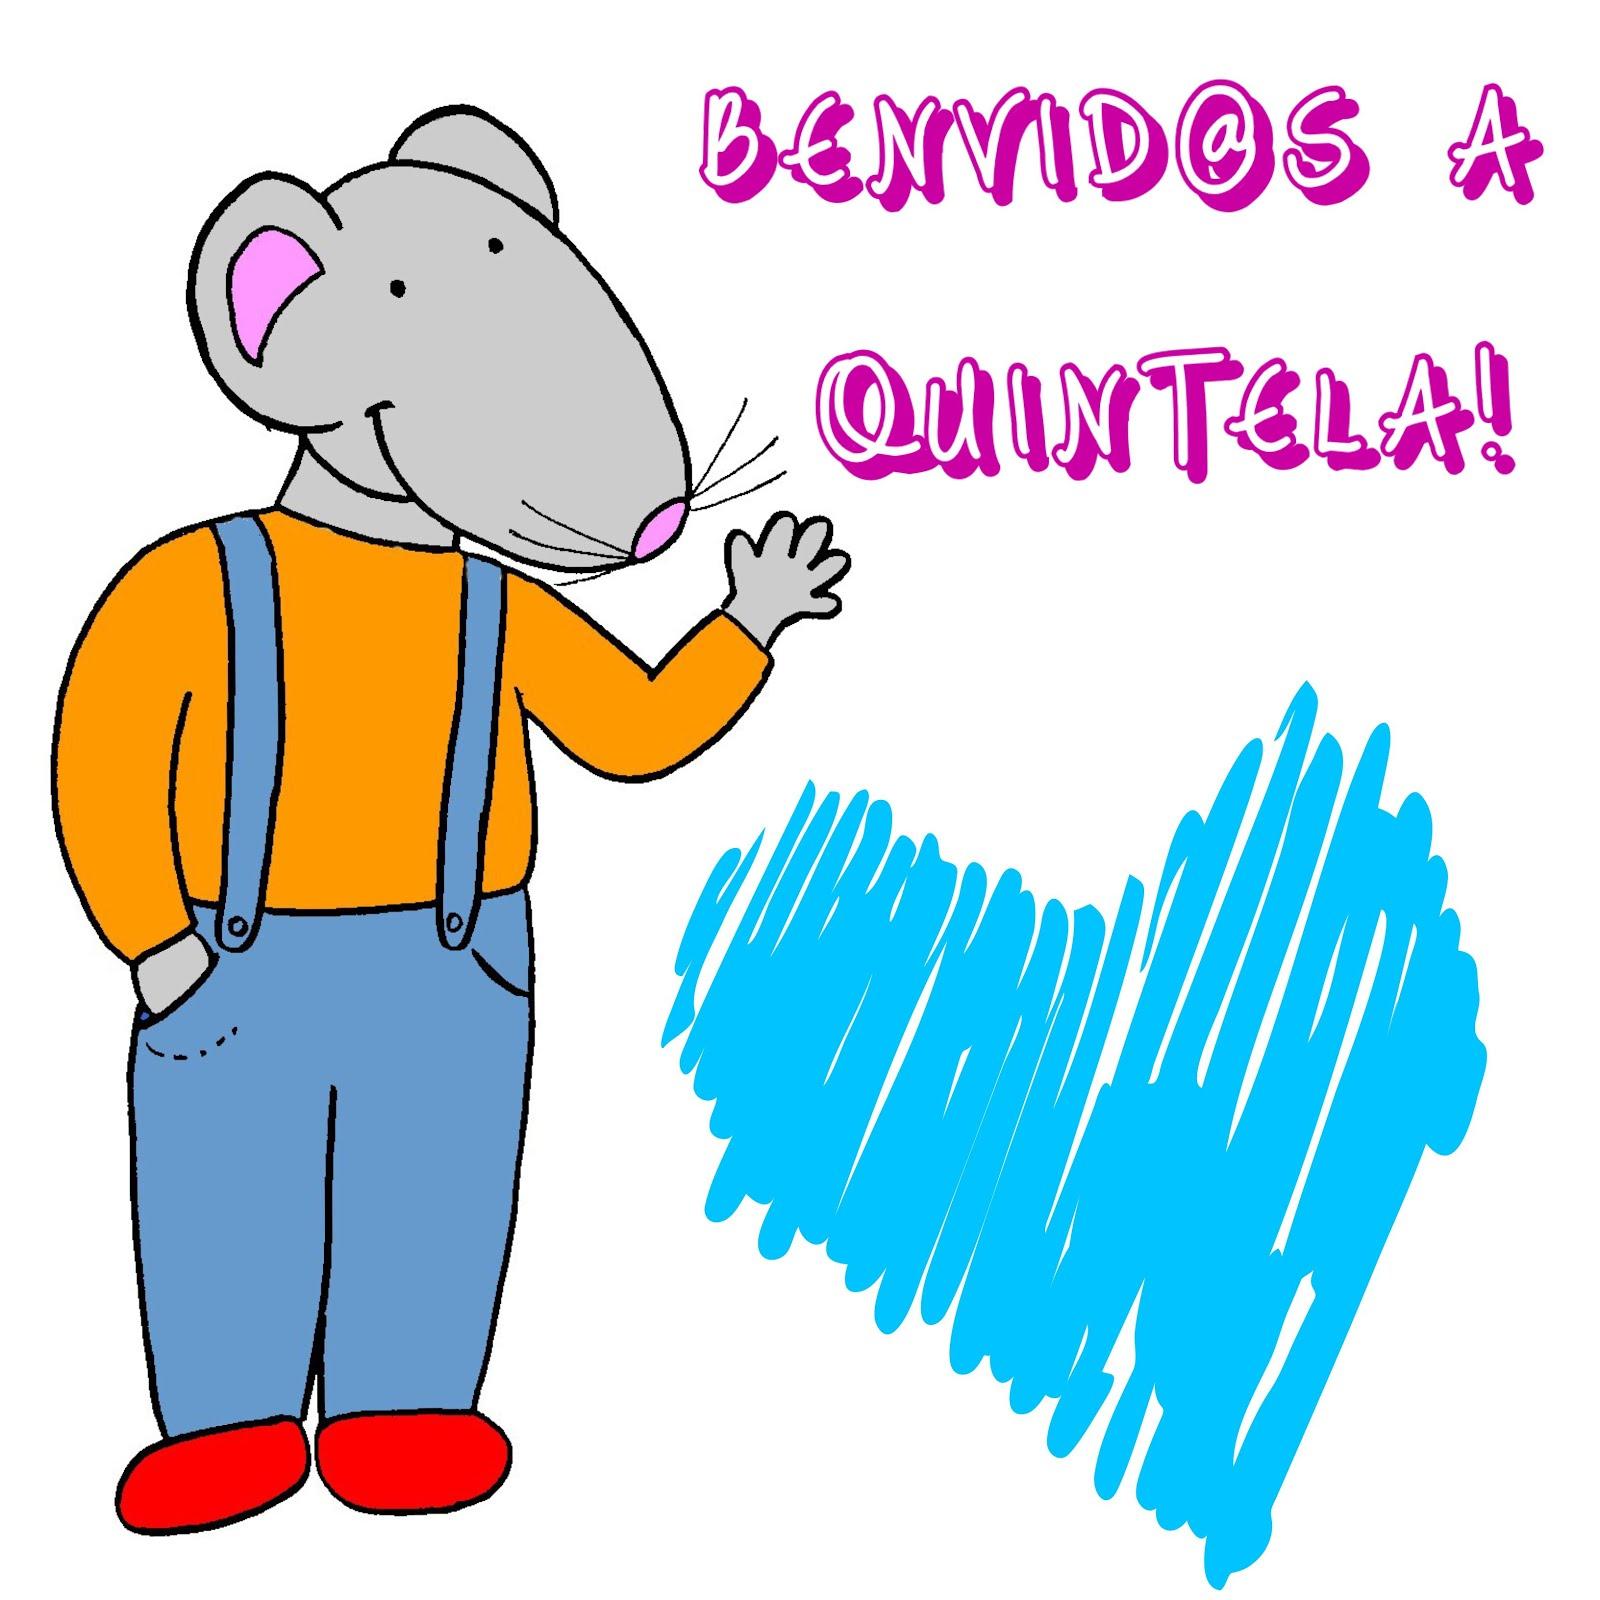 BENVIDOS A QUINTELA